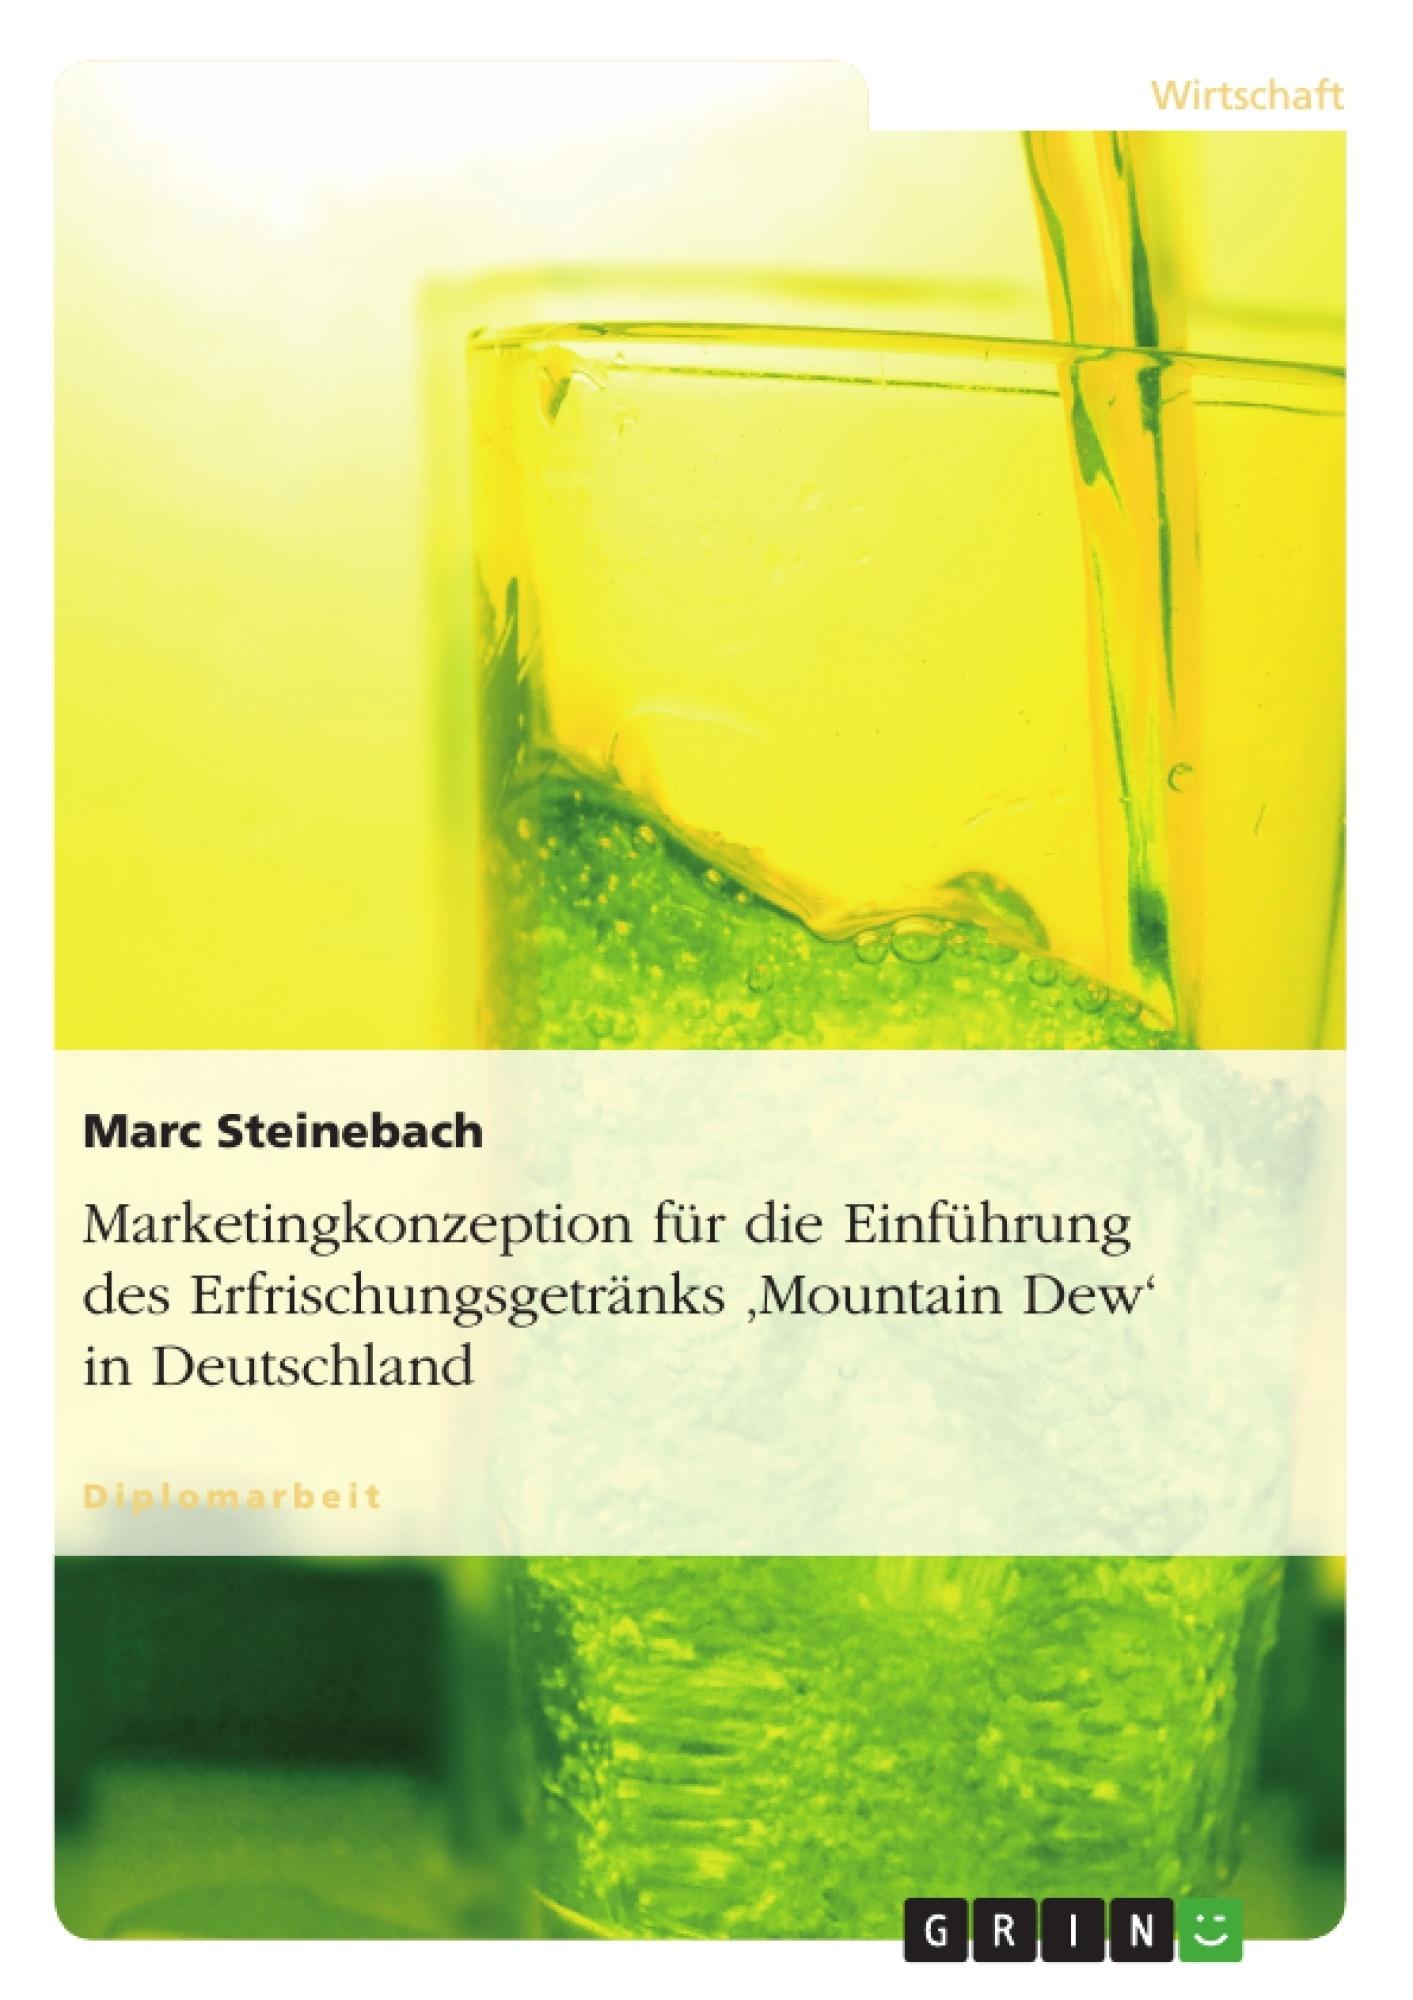 Titel: Marketingkonzeption für die Einführung des Erfrischungsgetränks 'Mountain Dew' in Deutschland